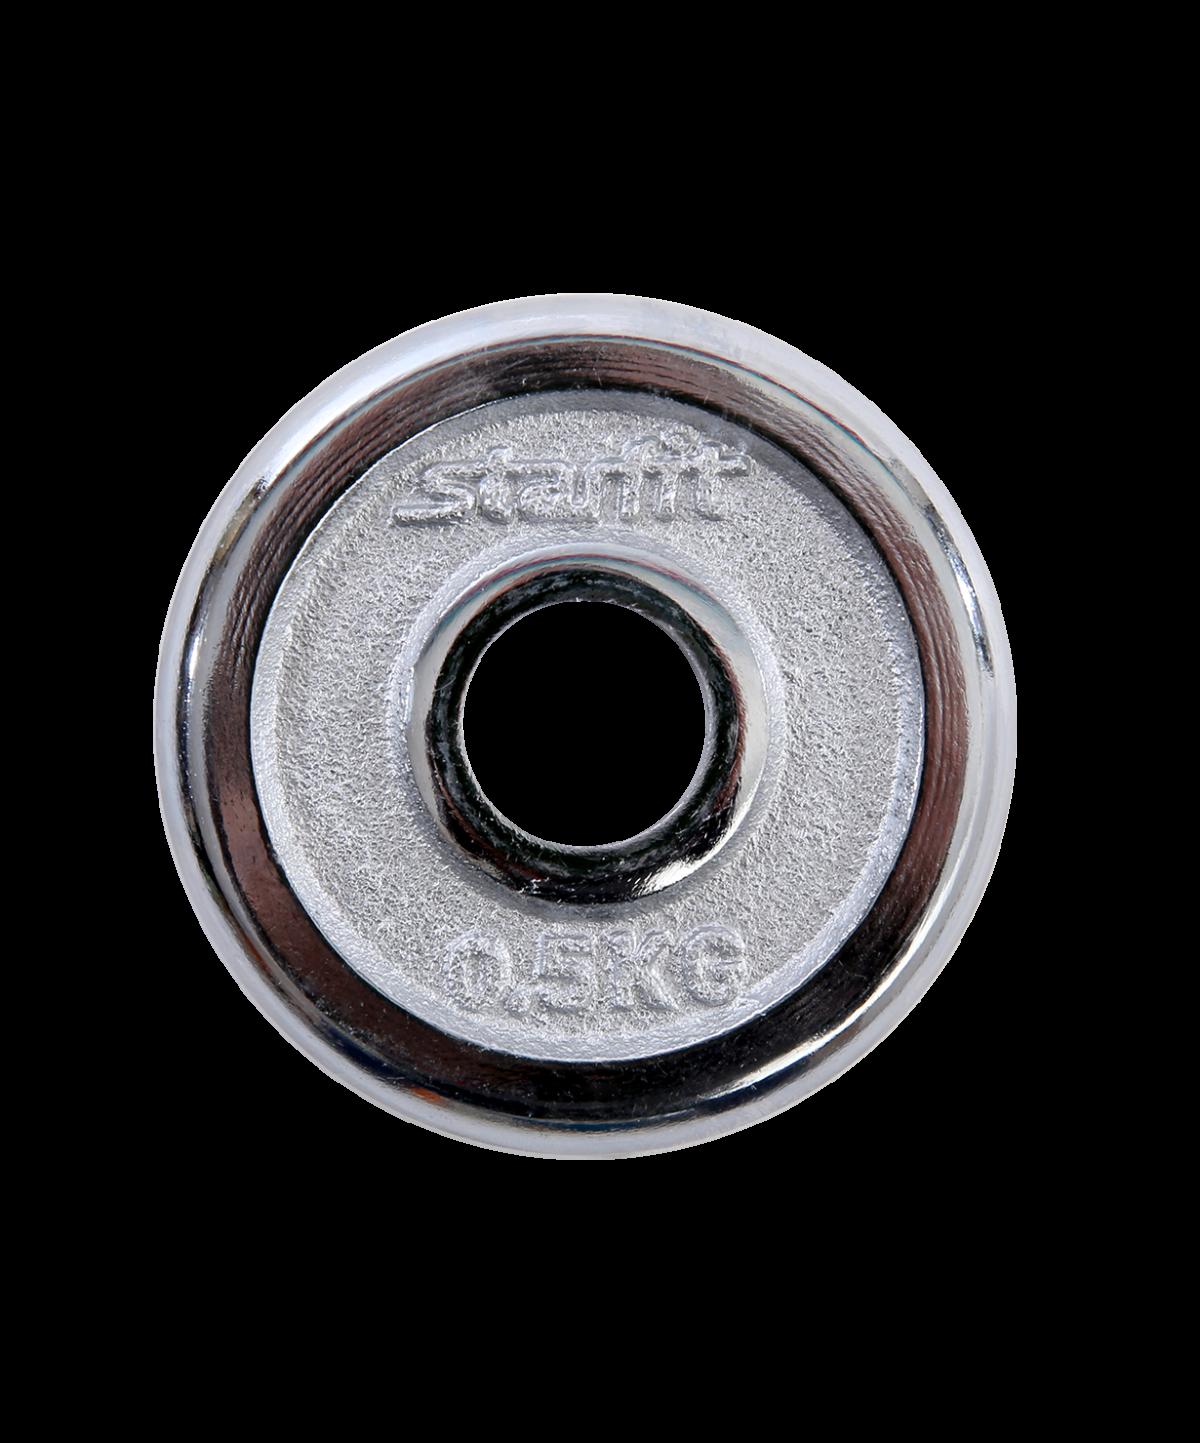 STARFIT Гантели хромированные разборные в чемодане 2 шт по 10 кг BB-501 - 5